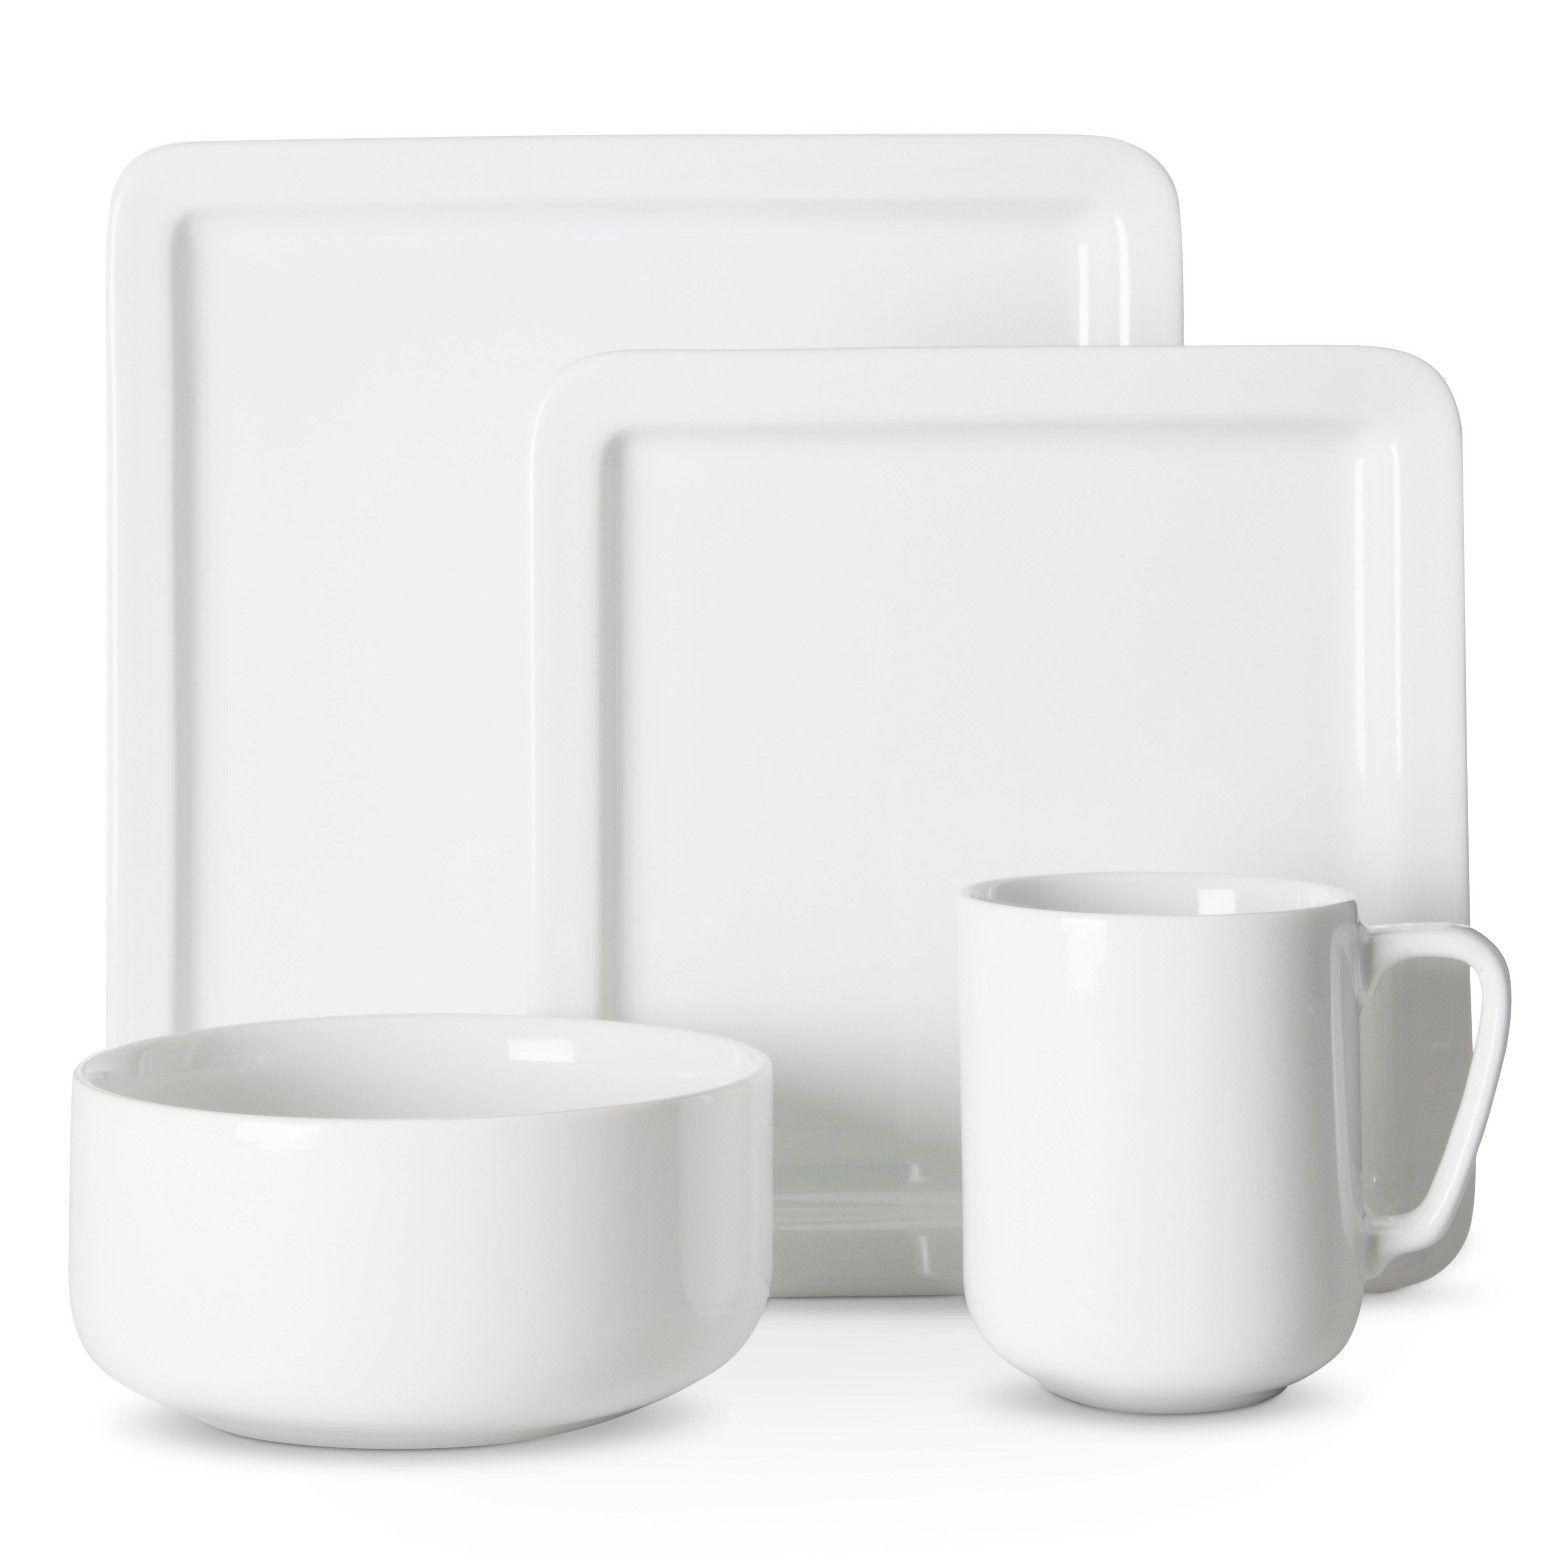 casual modern pc dinnerware set white  threshold  dinnerware  - casual modern pc dinnerware set white  threshold